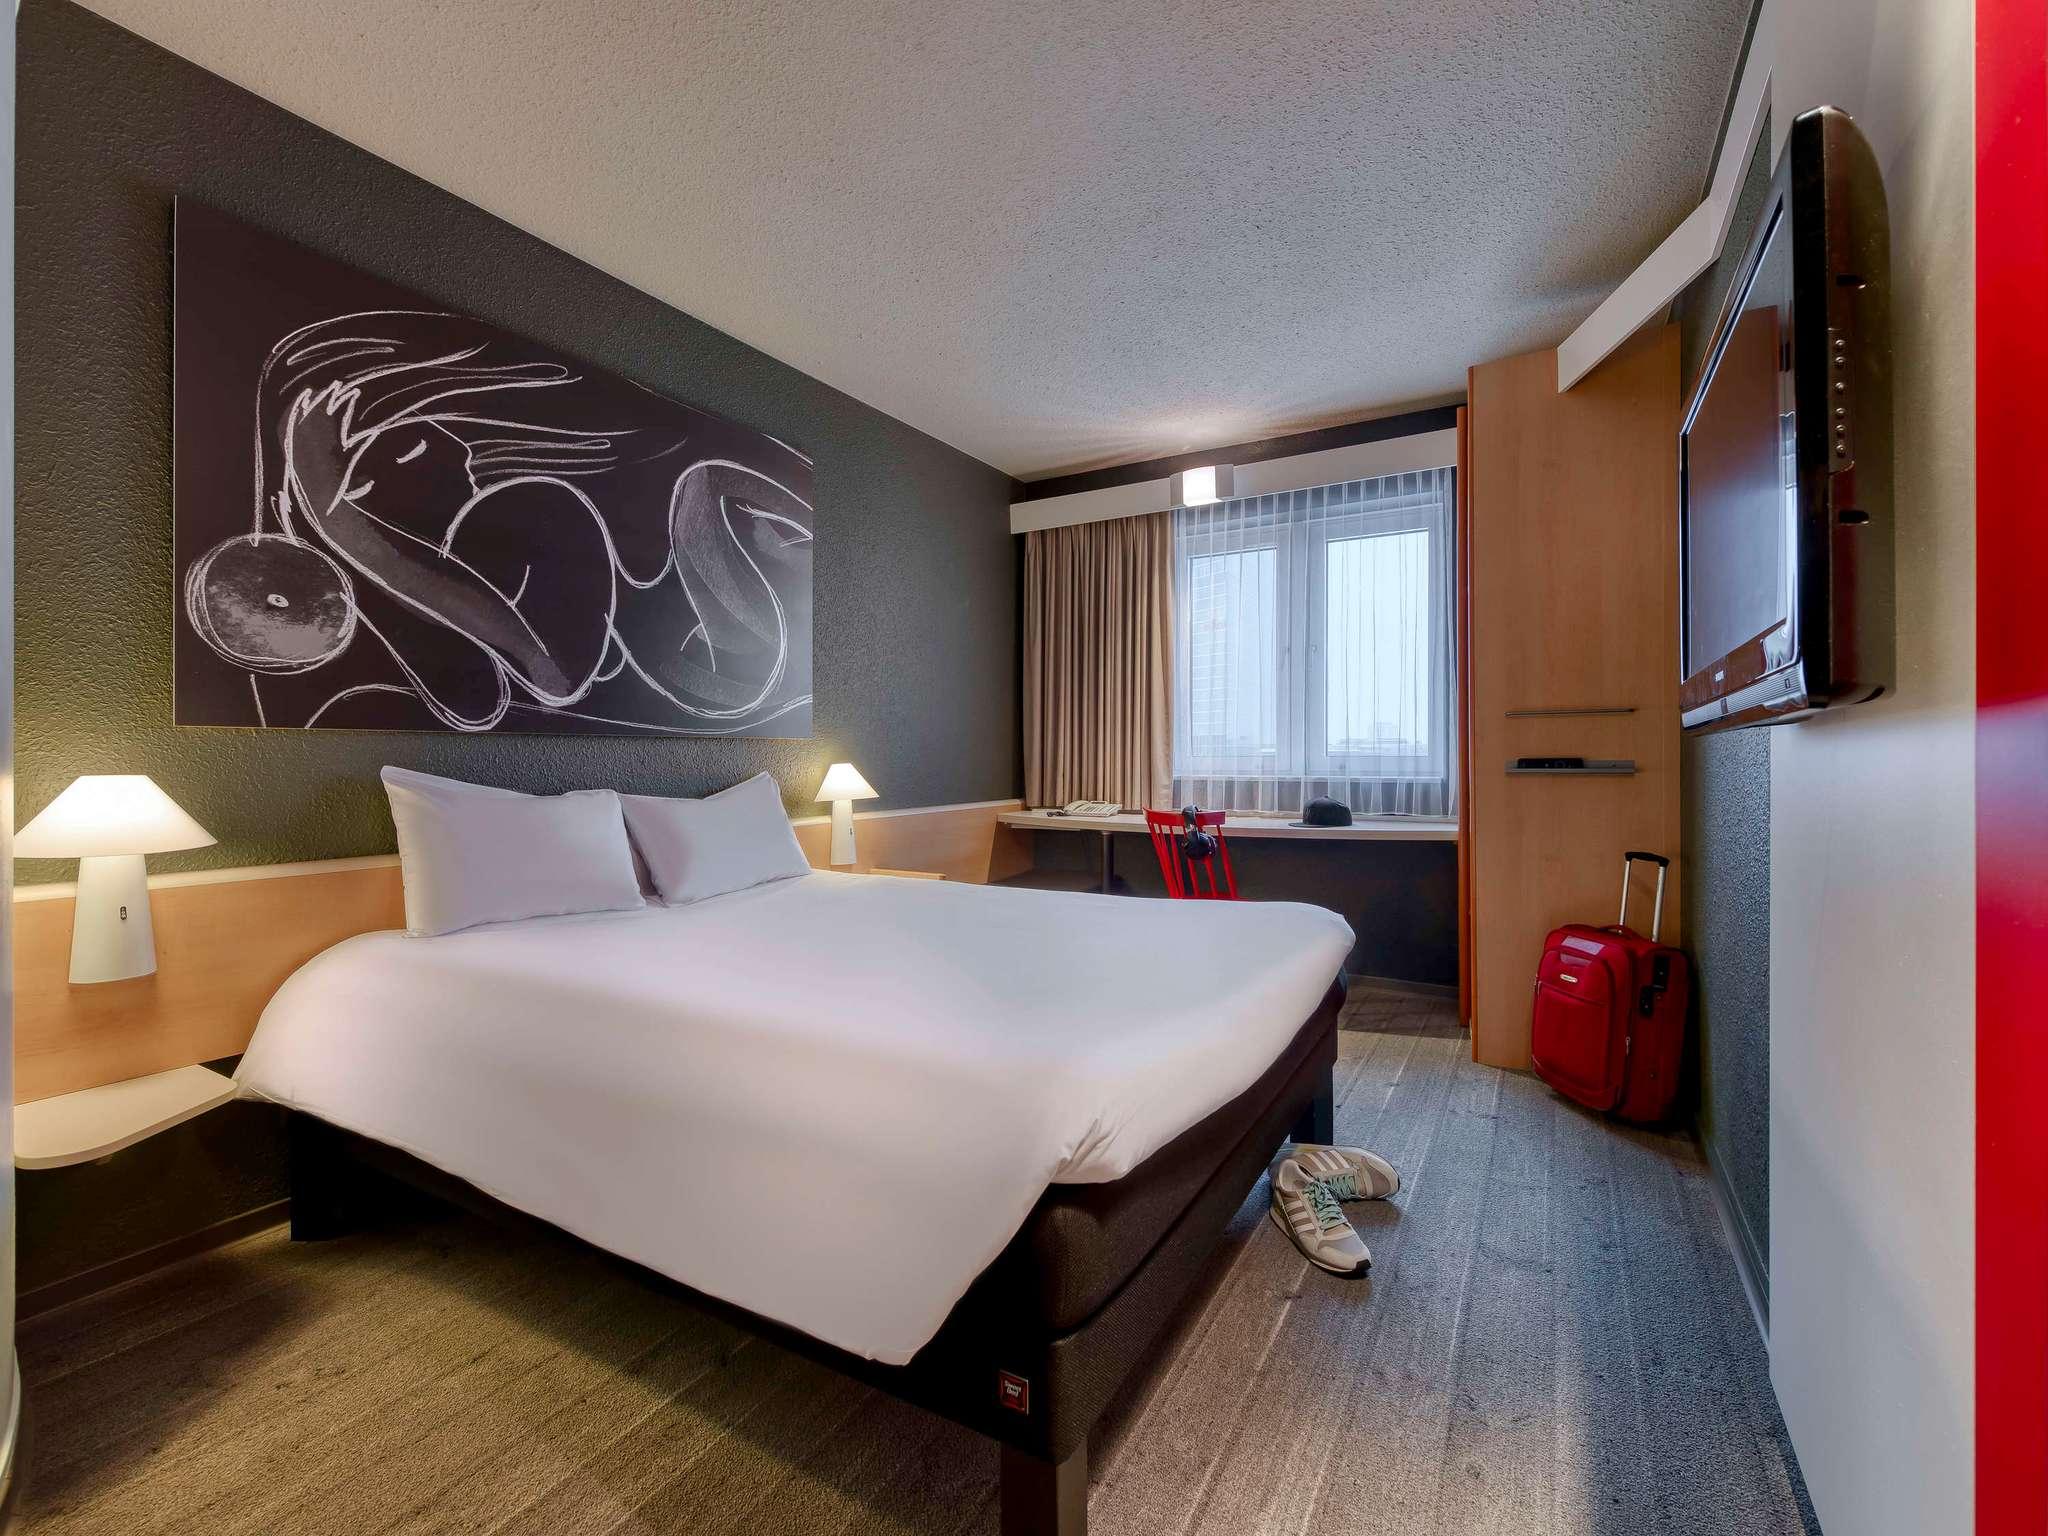 โรงแรม – ไอบิส มุนเช่น พาร์คชตัทส์ ชวาบิง